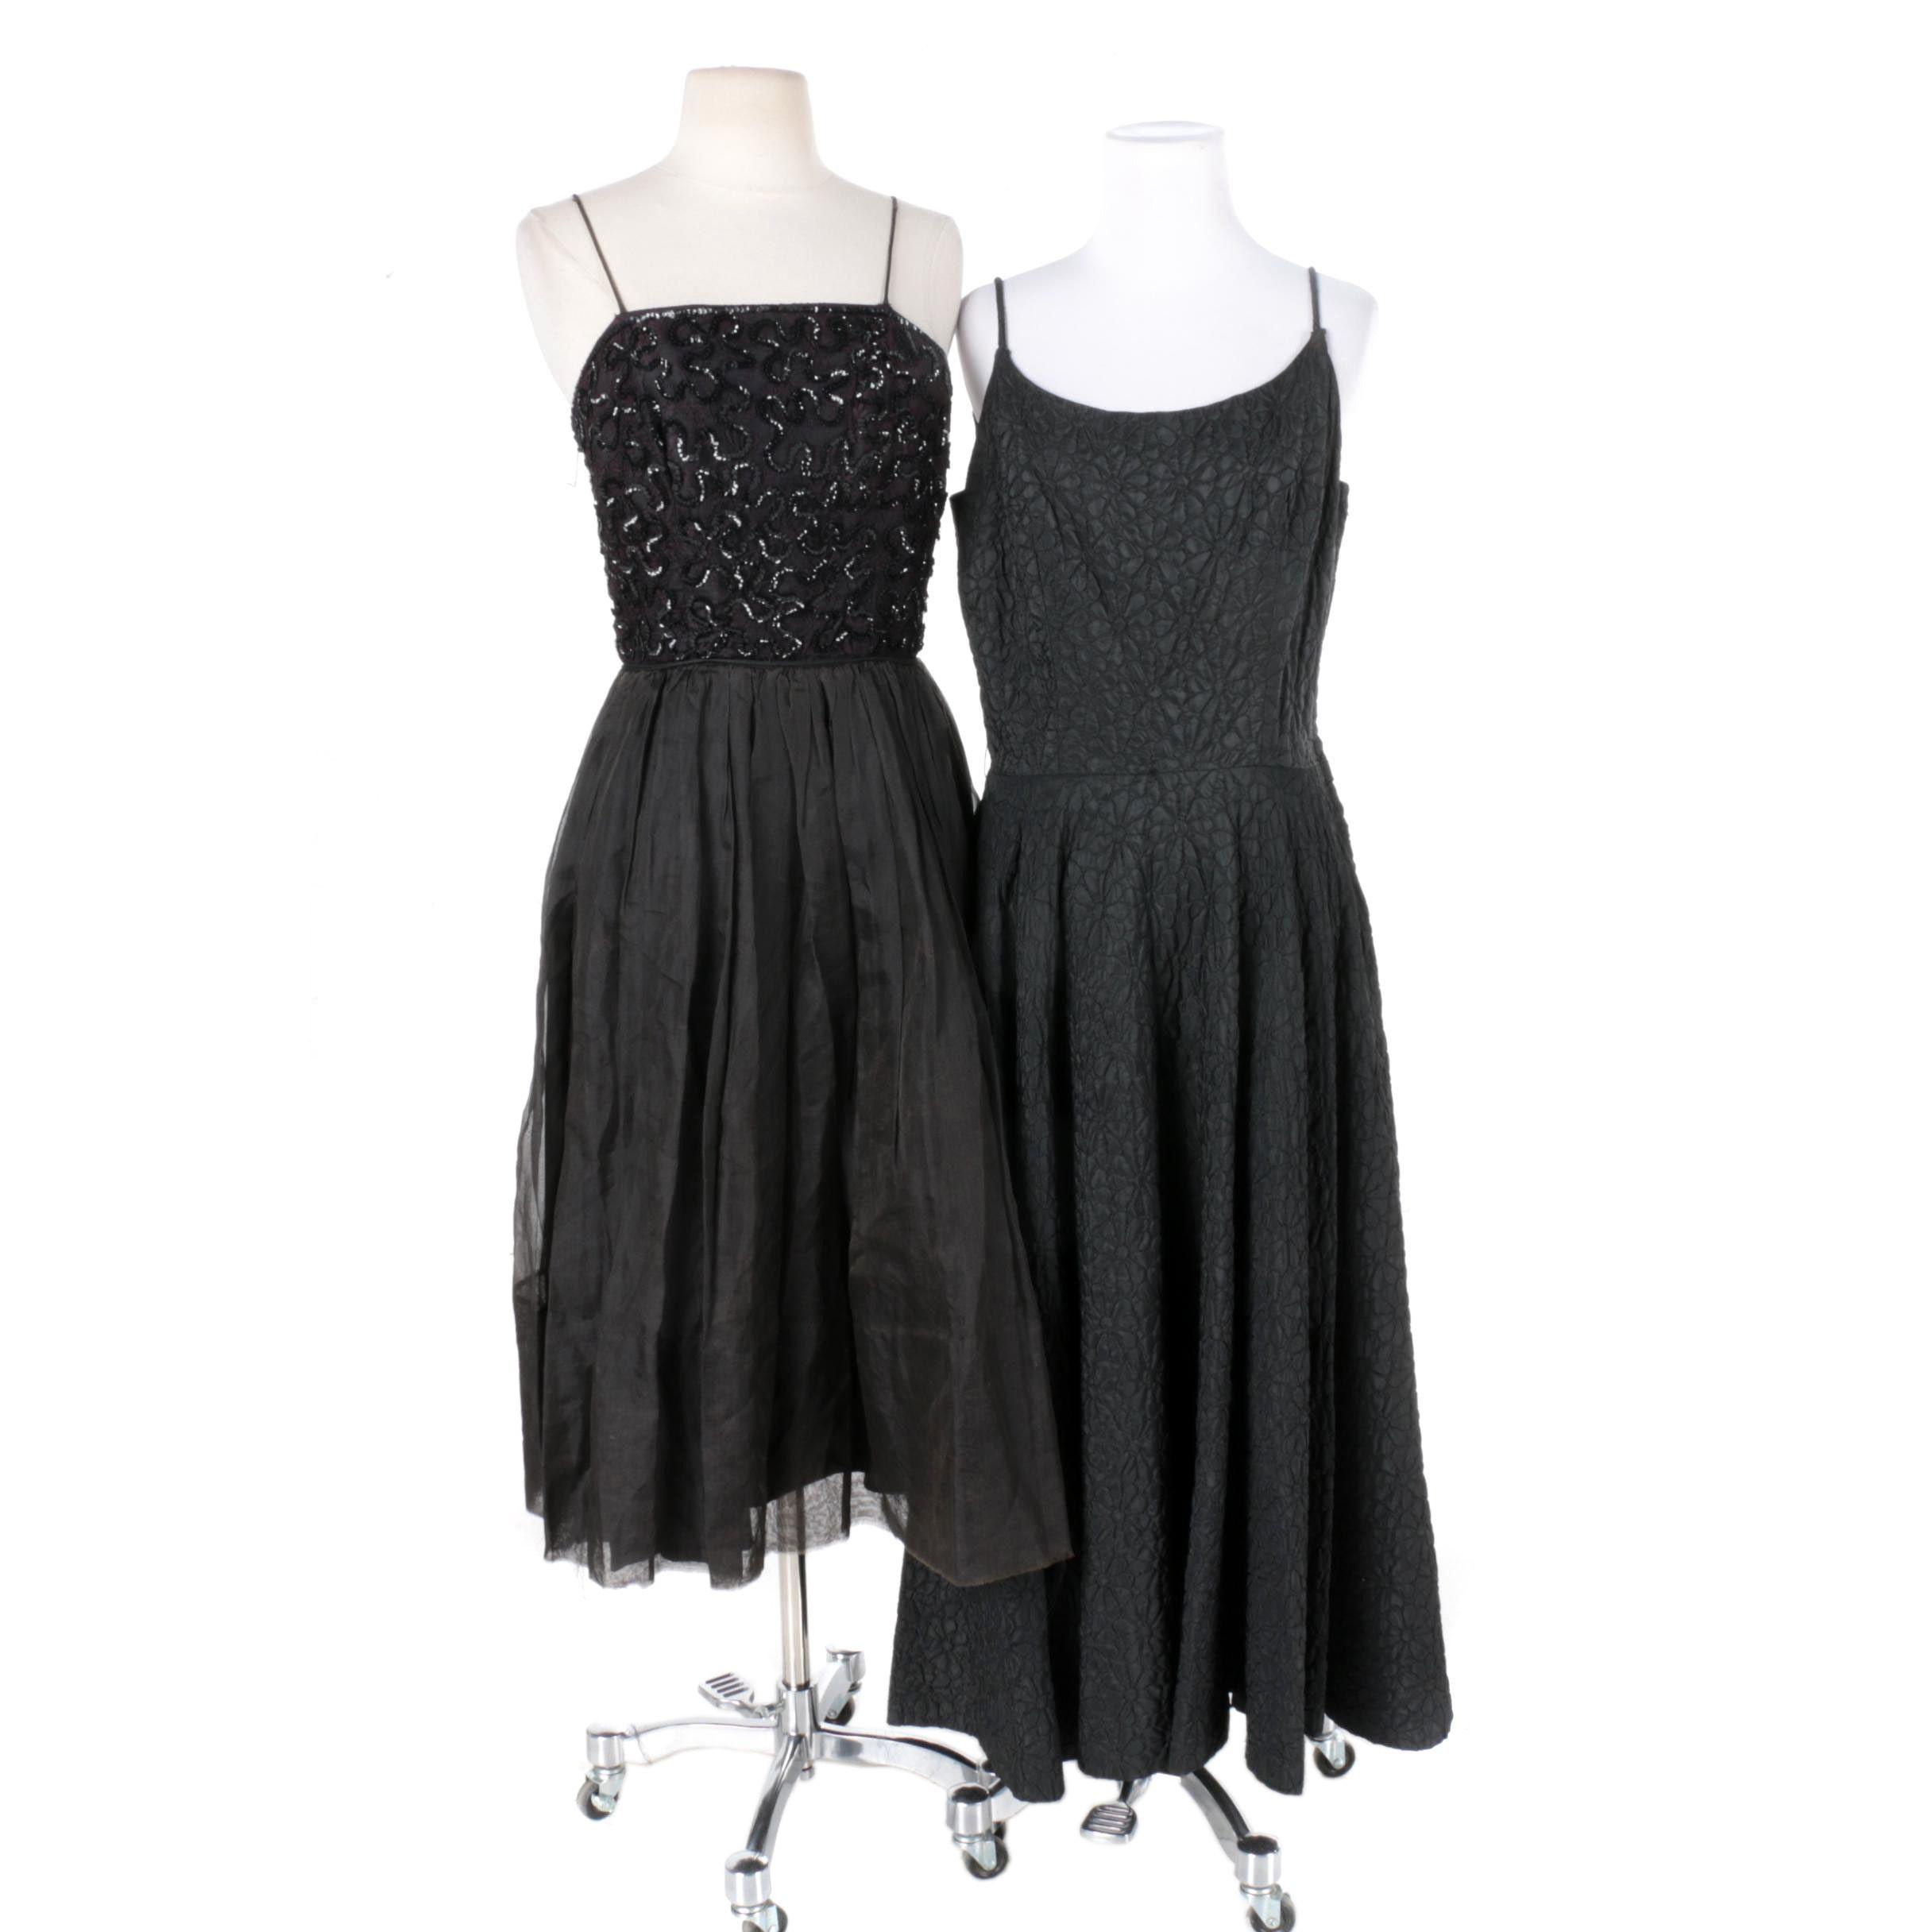 1950s Vintage Black Cocktail Dresses